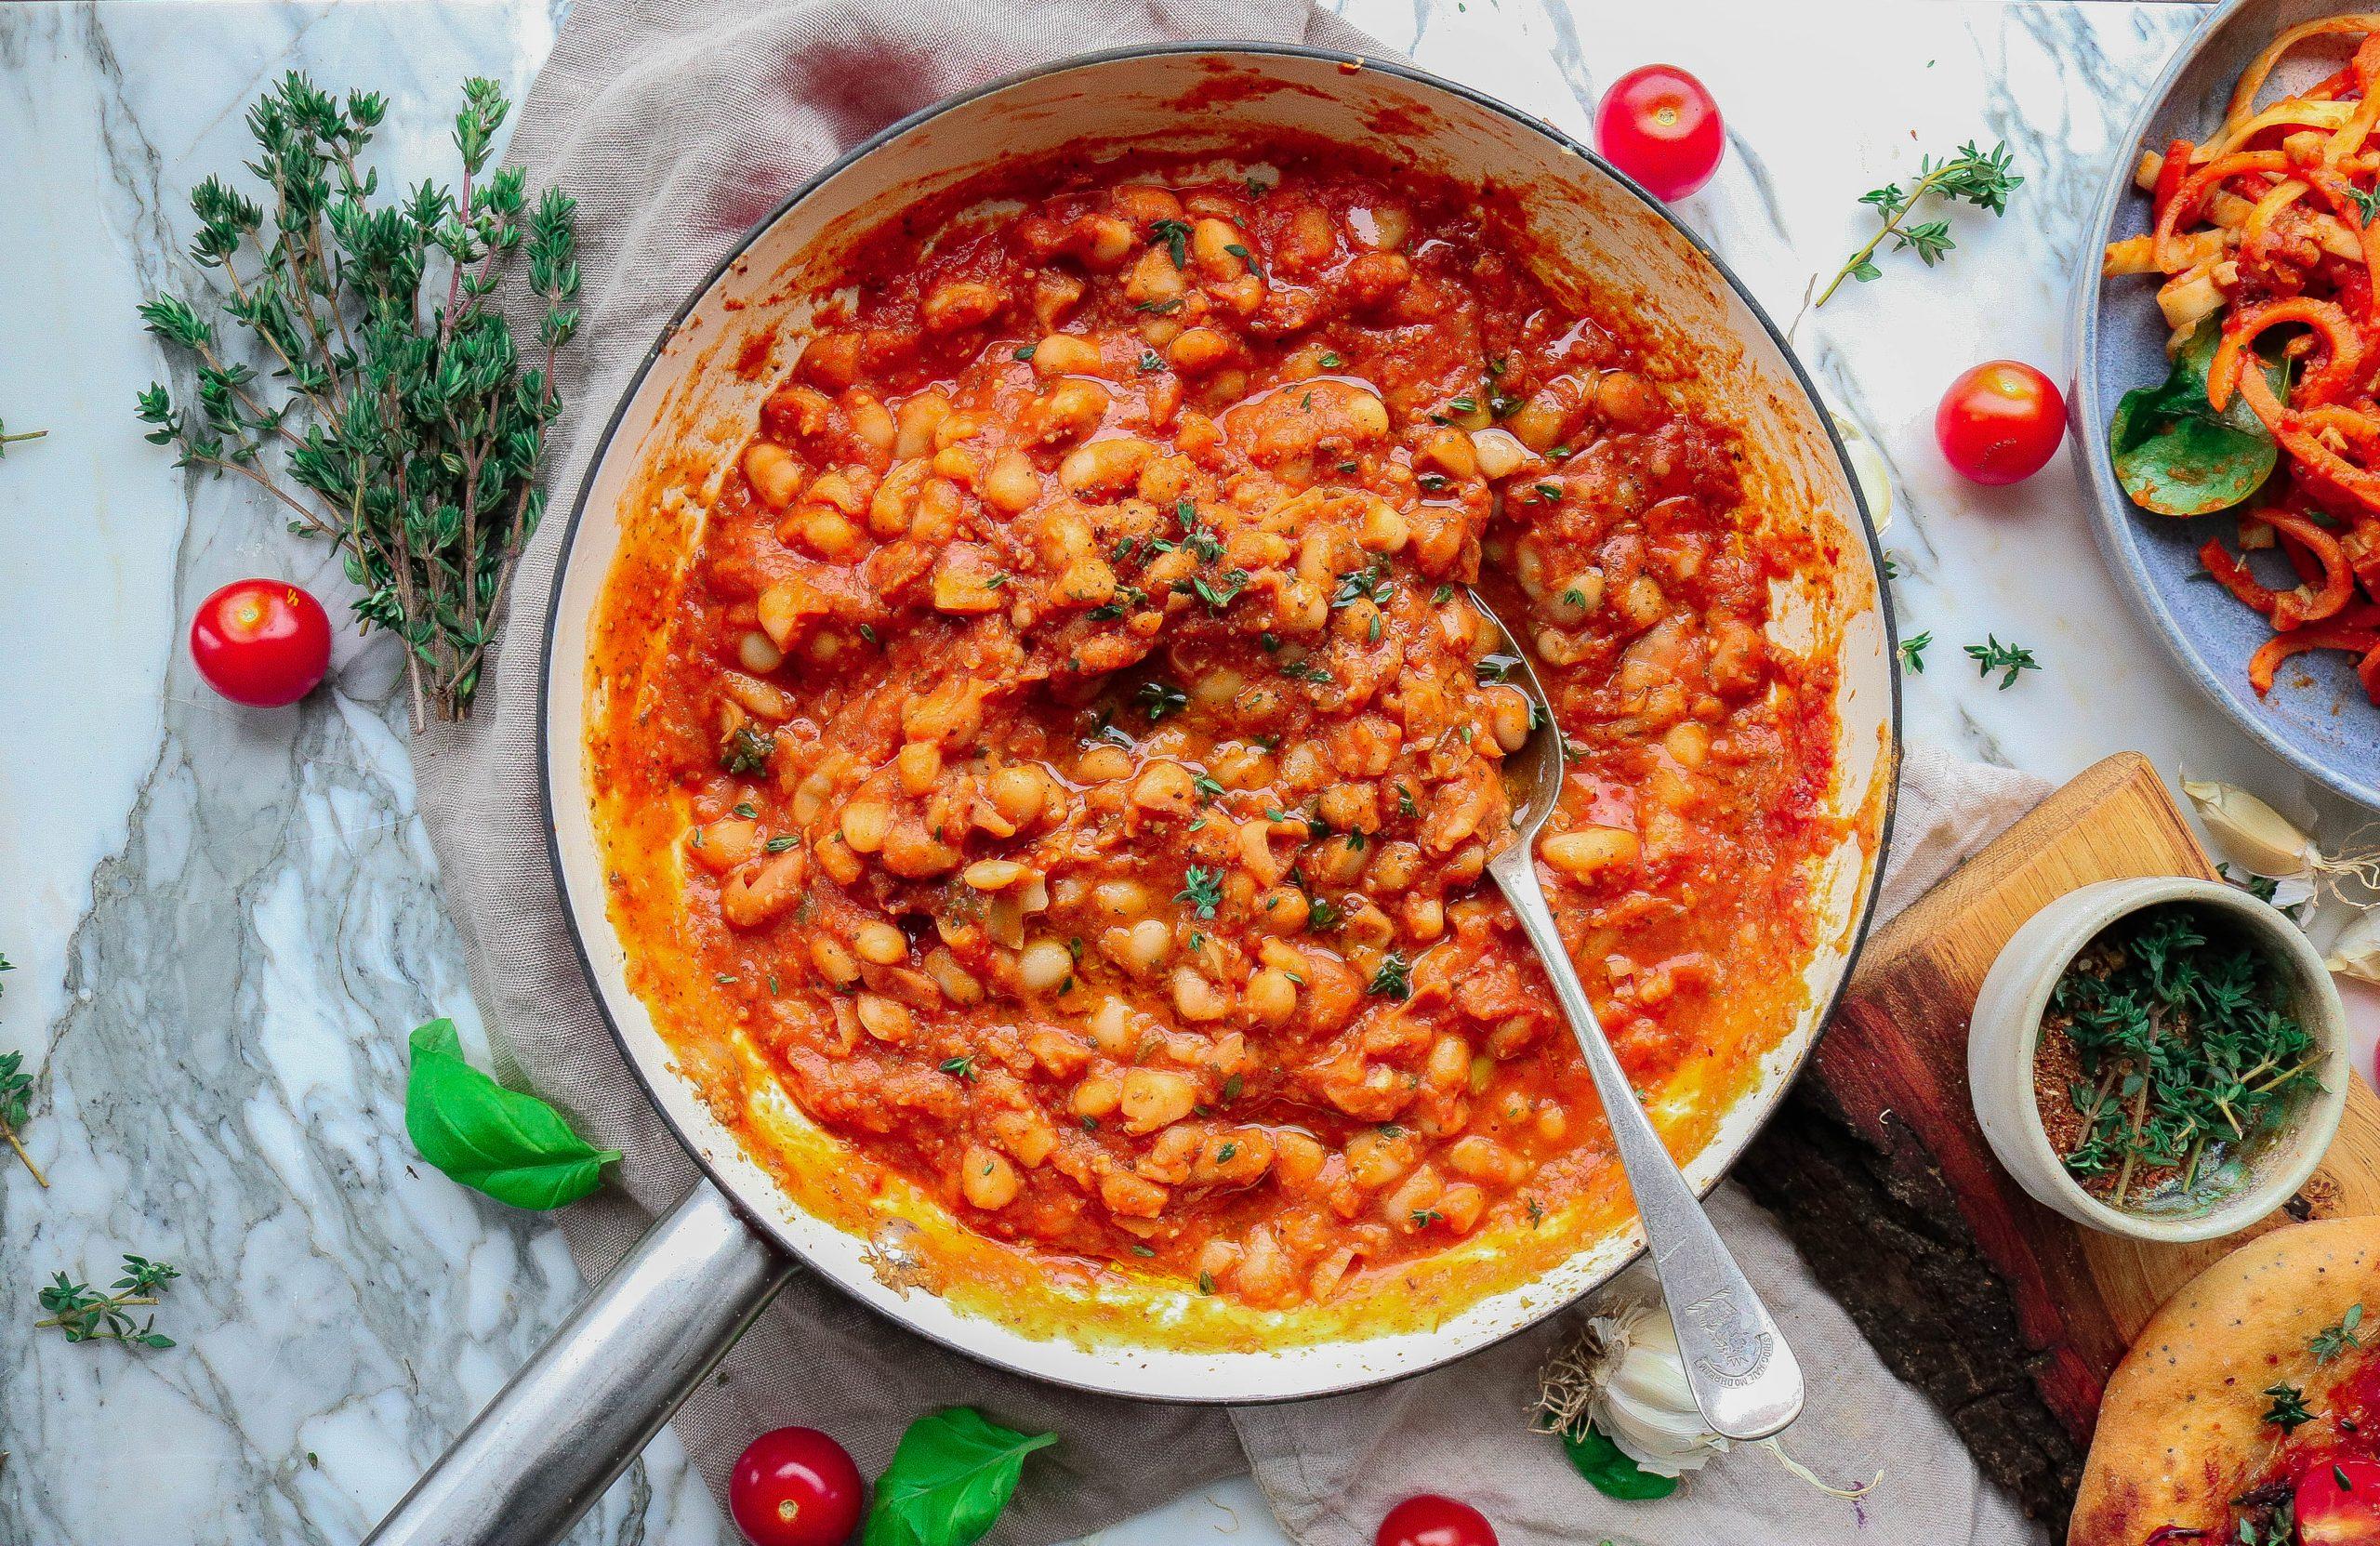 Creamy Tomato Cannelini Beans